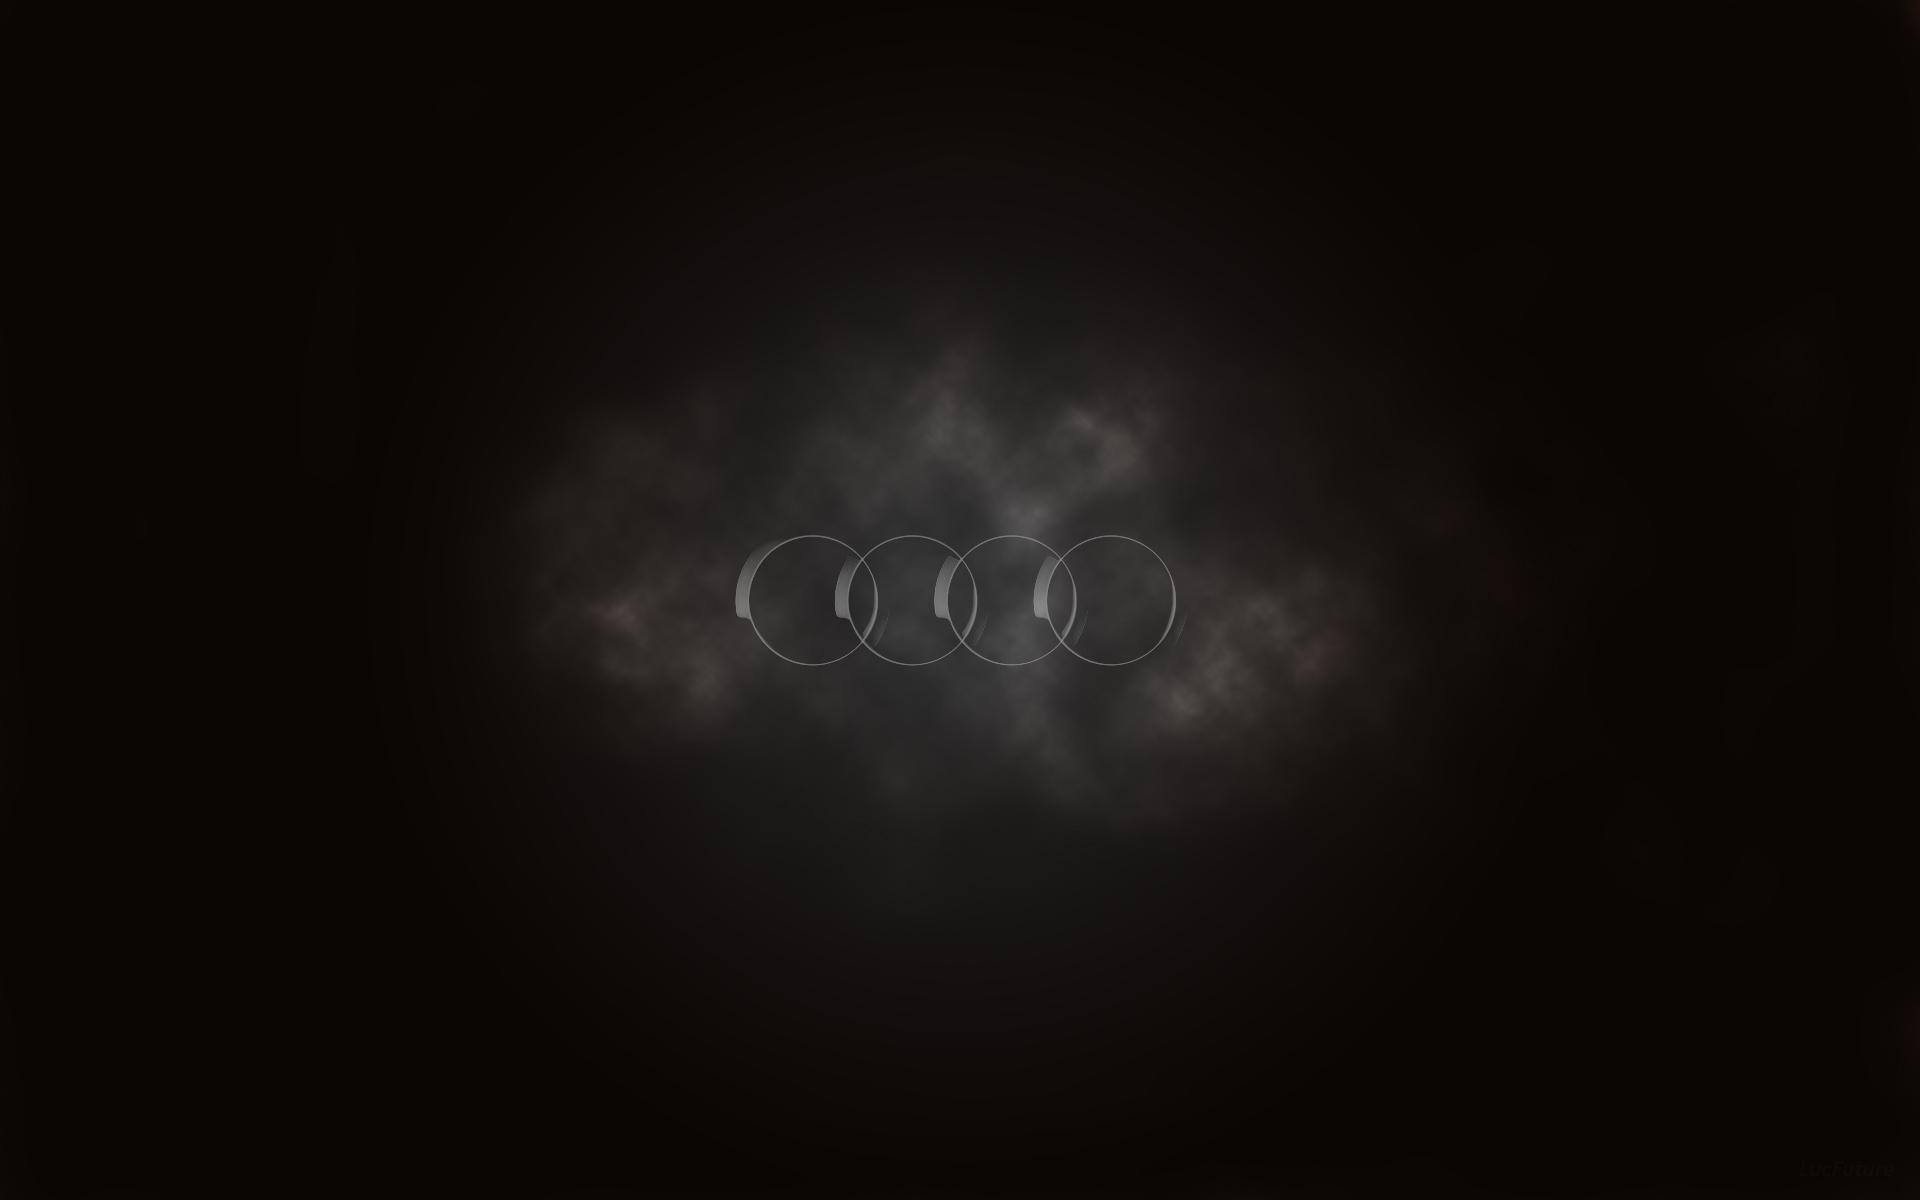 Audi Logo Hd wallpaper   871941 1920x1200